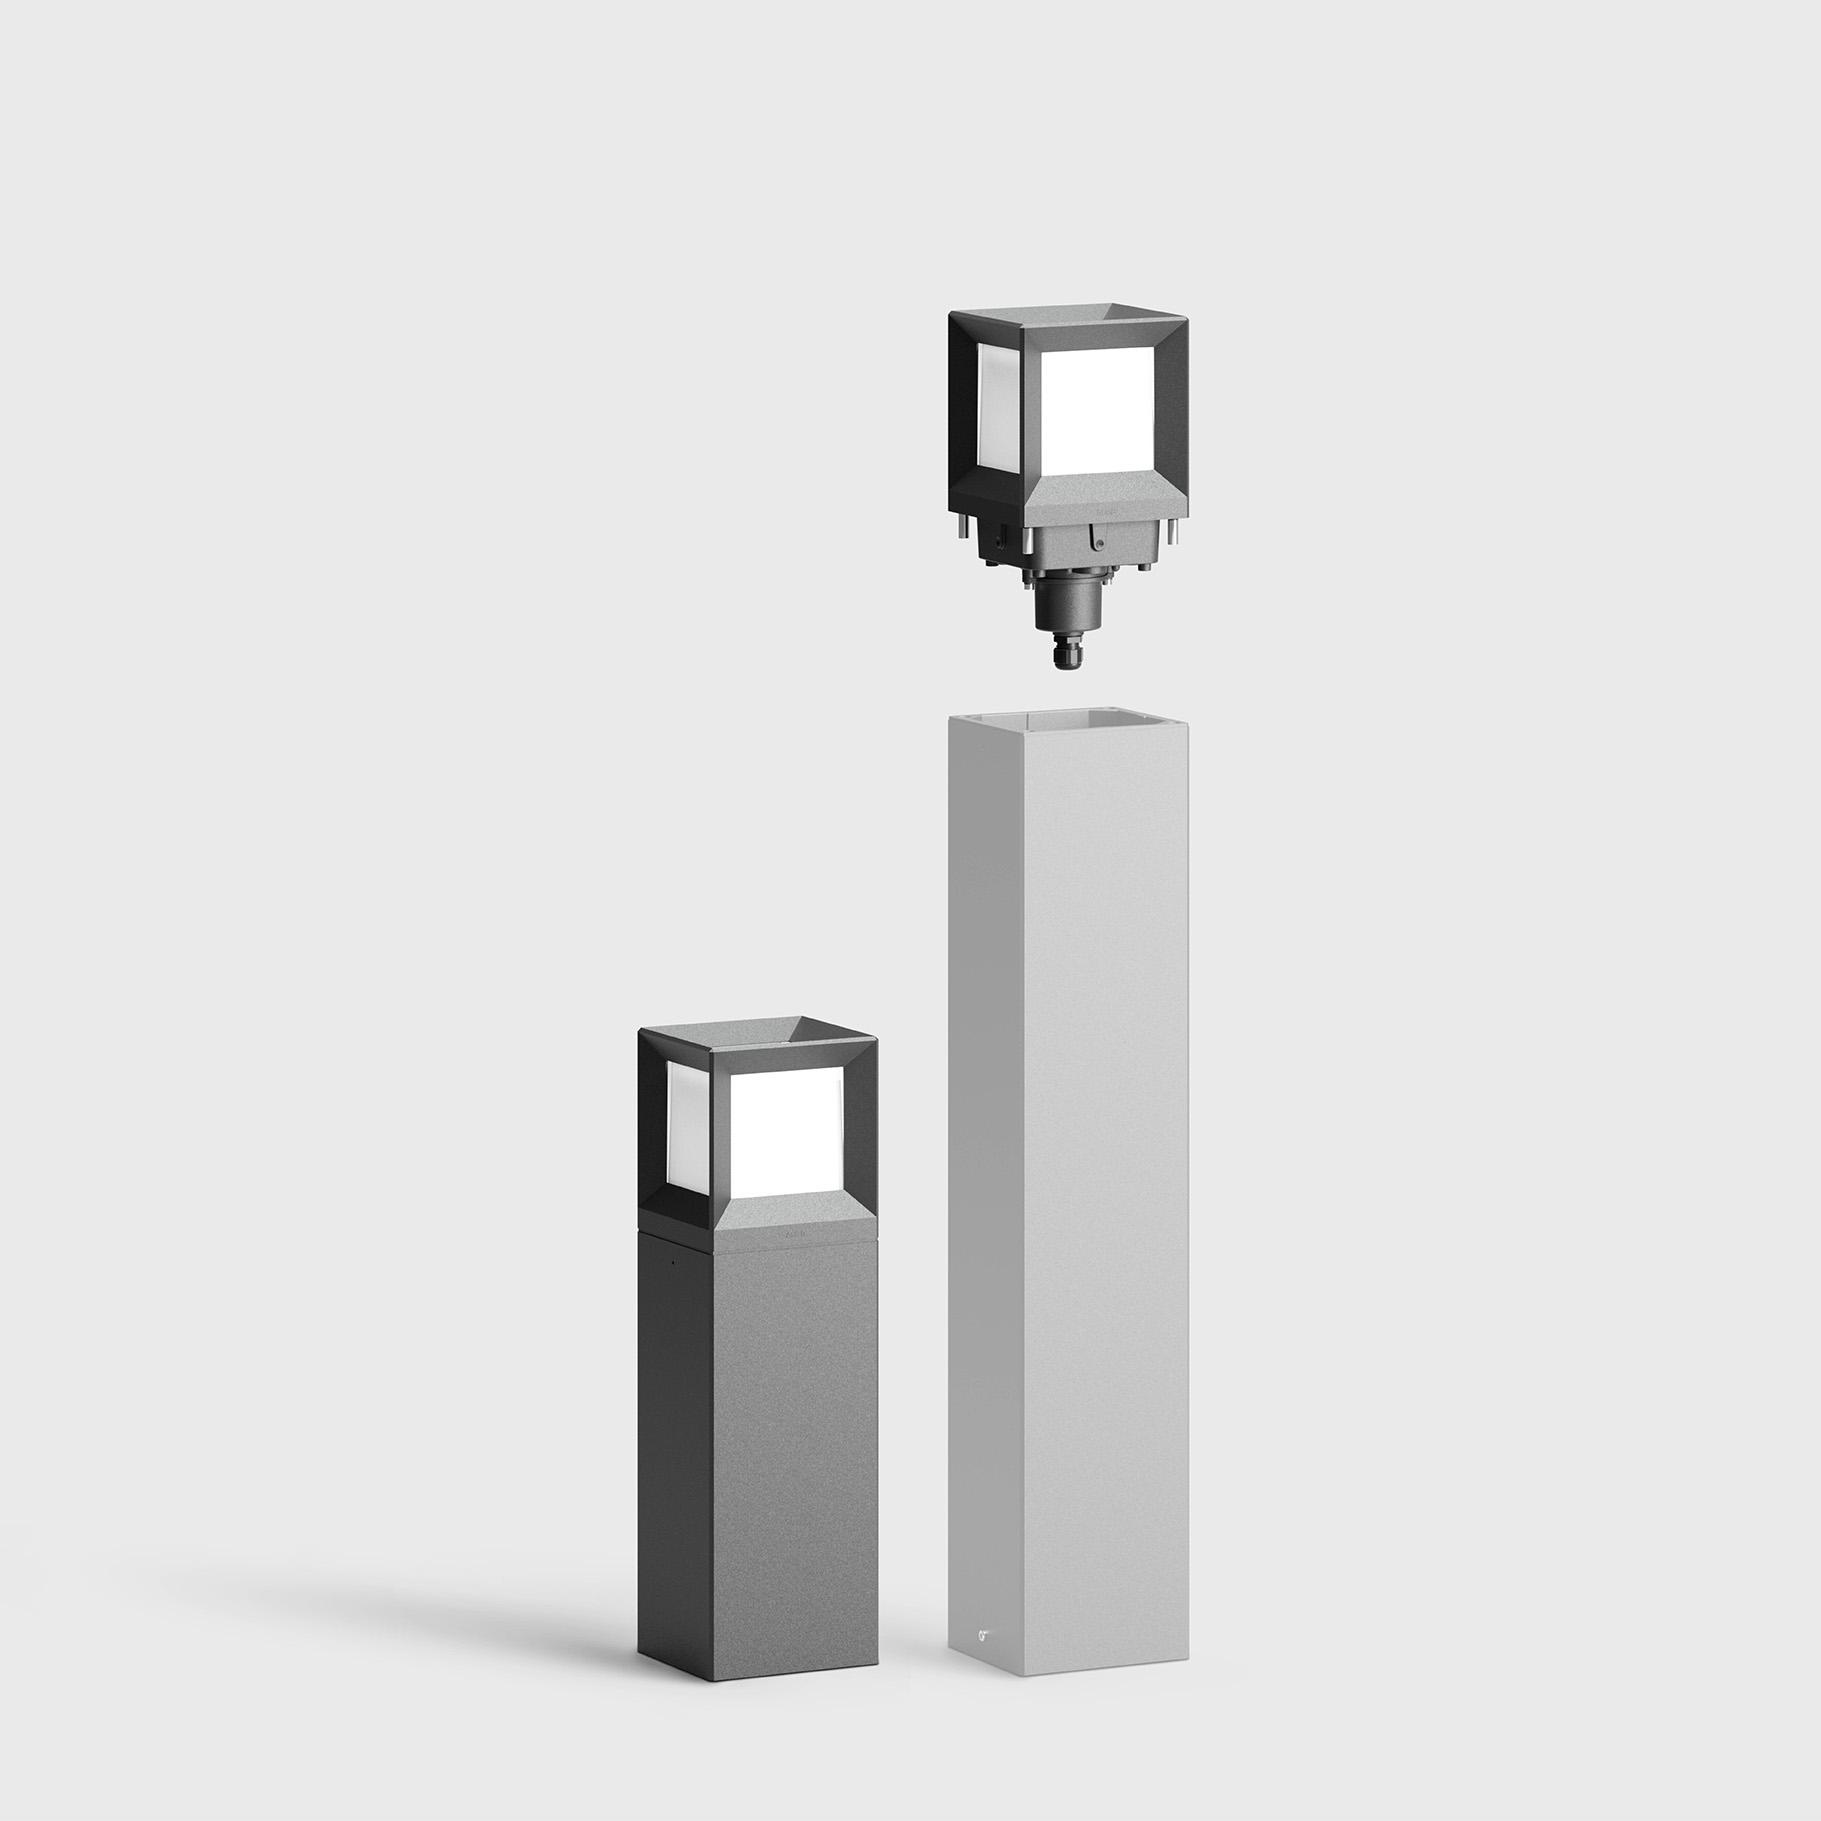 Lcn led lampe | FINN.no